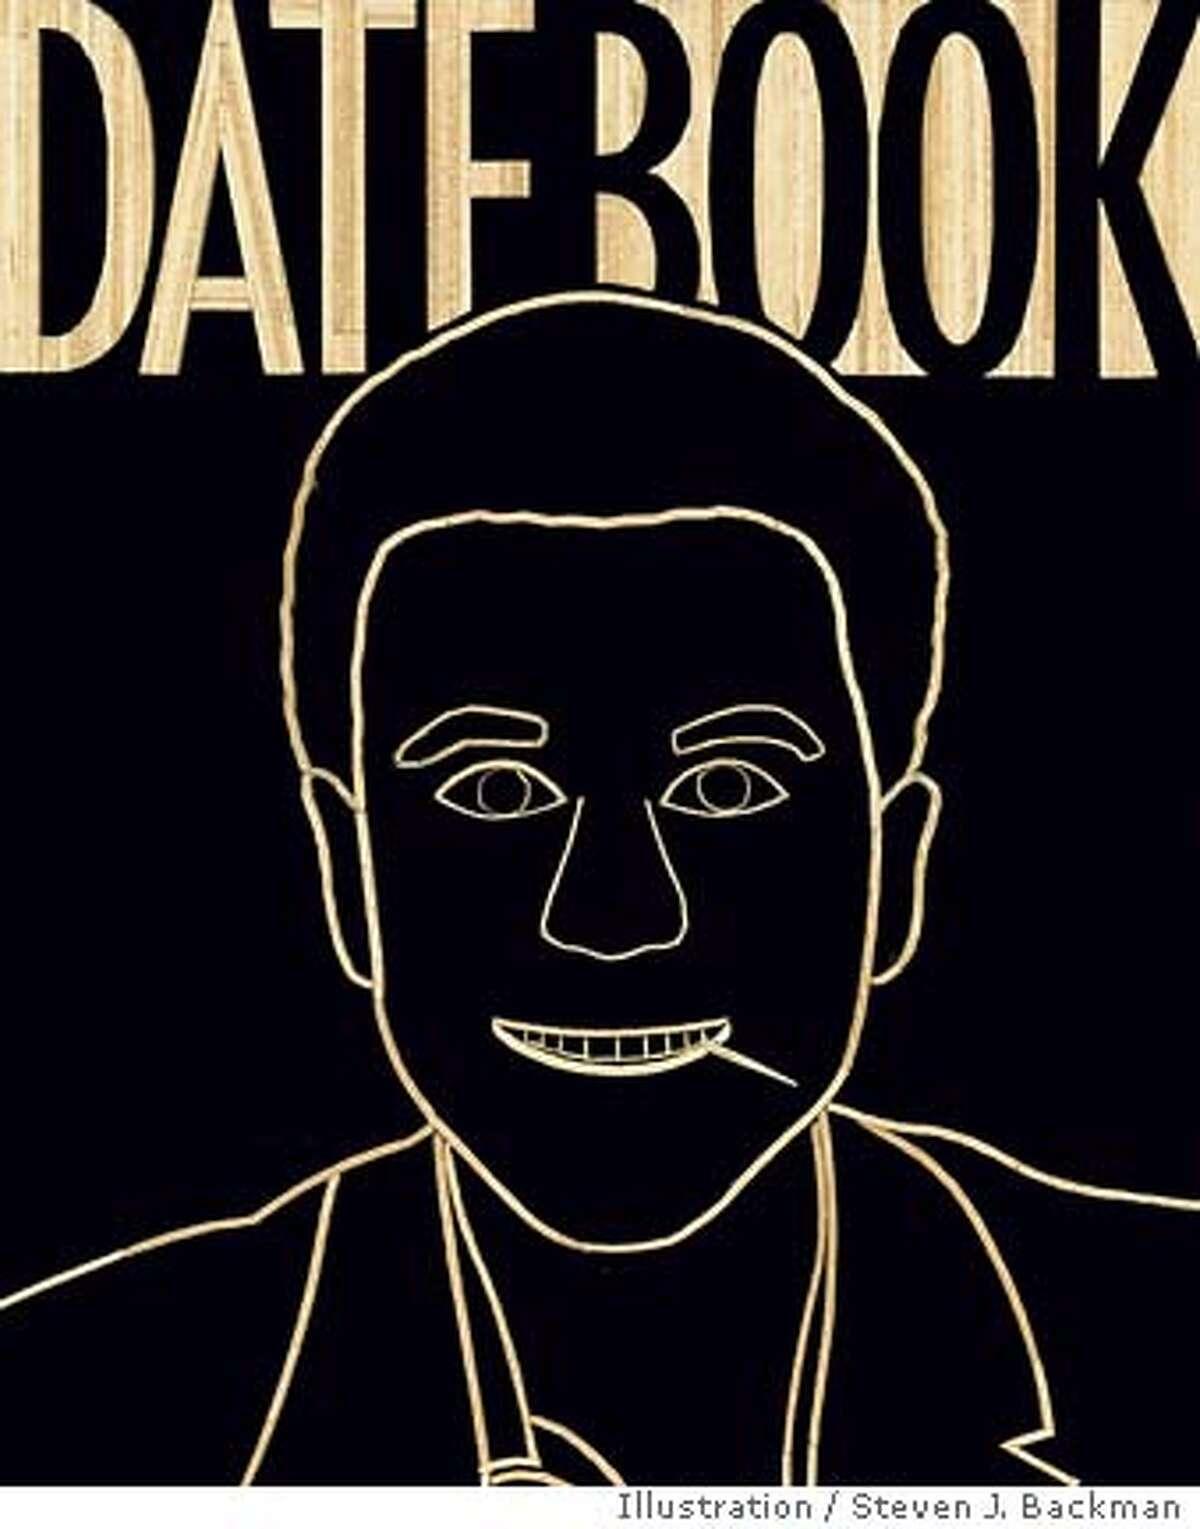 Datebook Cover: Self-portrait in toothpicks by Steven J. Backman. Illustration by Steven J. Backman